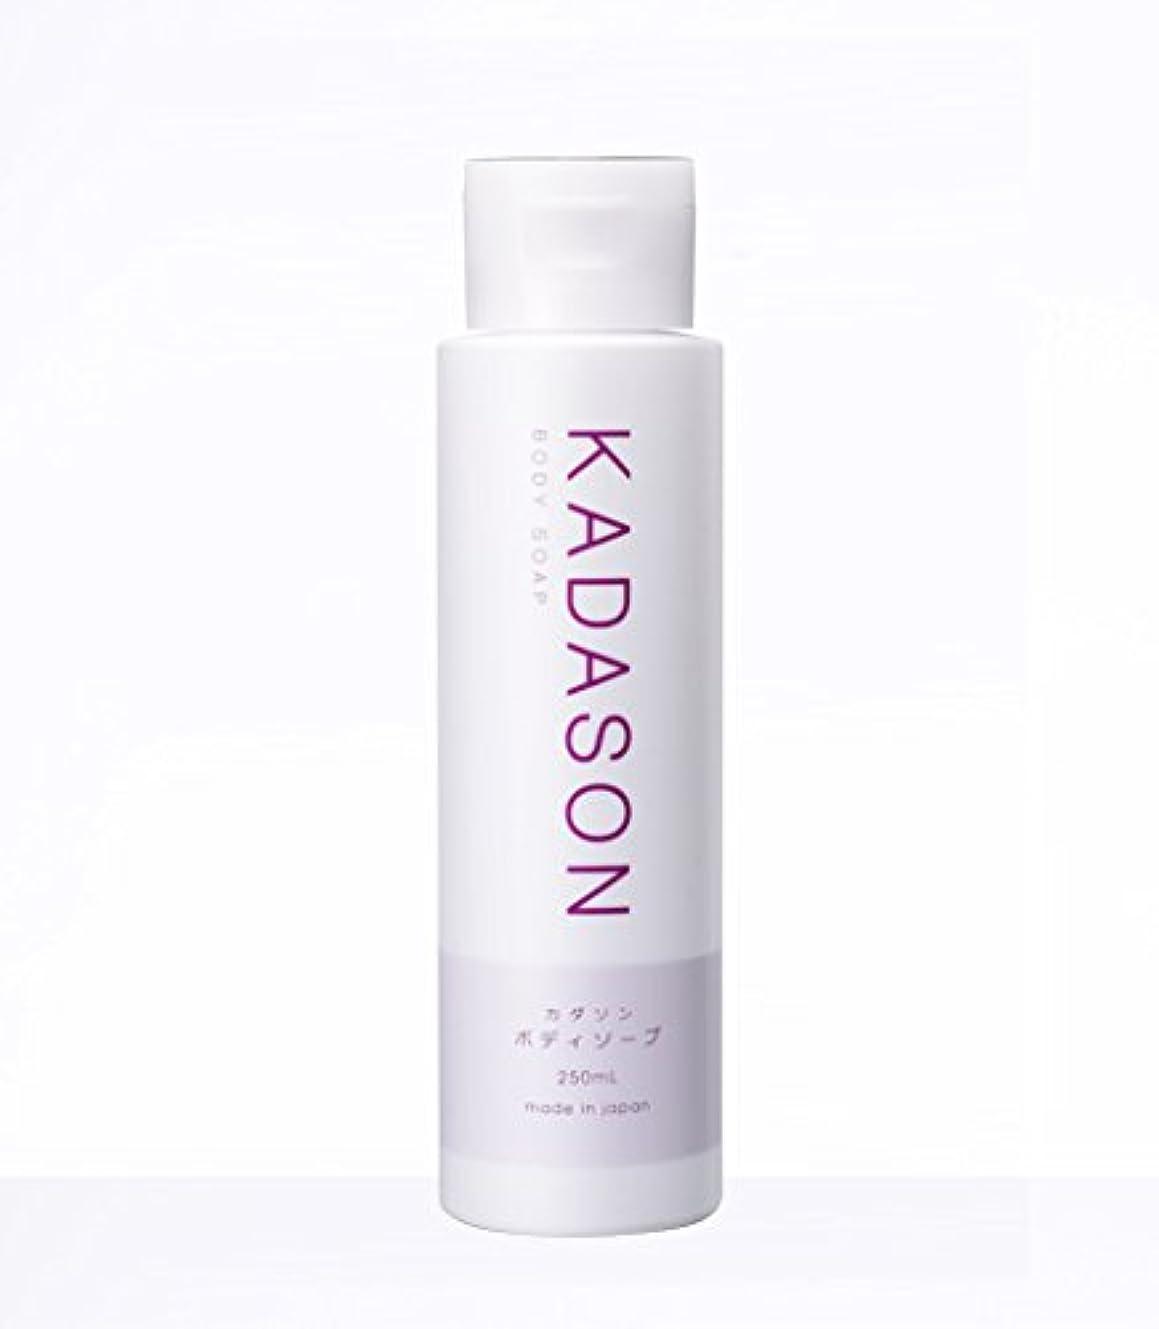 食事ステーキシンプルなKADASON(カダソン) ボディーソープ【脂漏性皮膚炎専門医が監修】身体のカユミを抑える洗顔もできるボディソープ